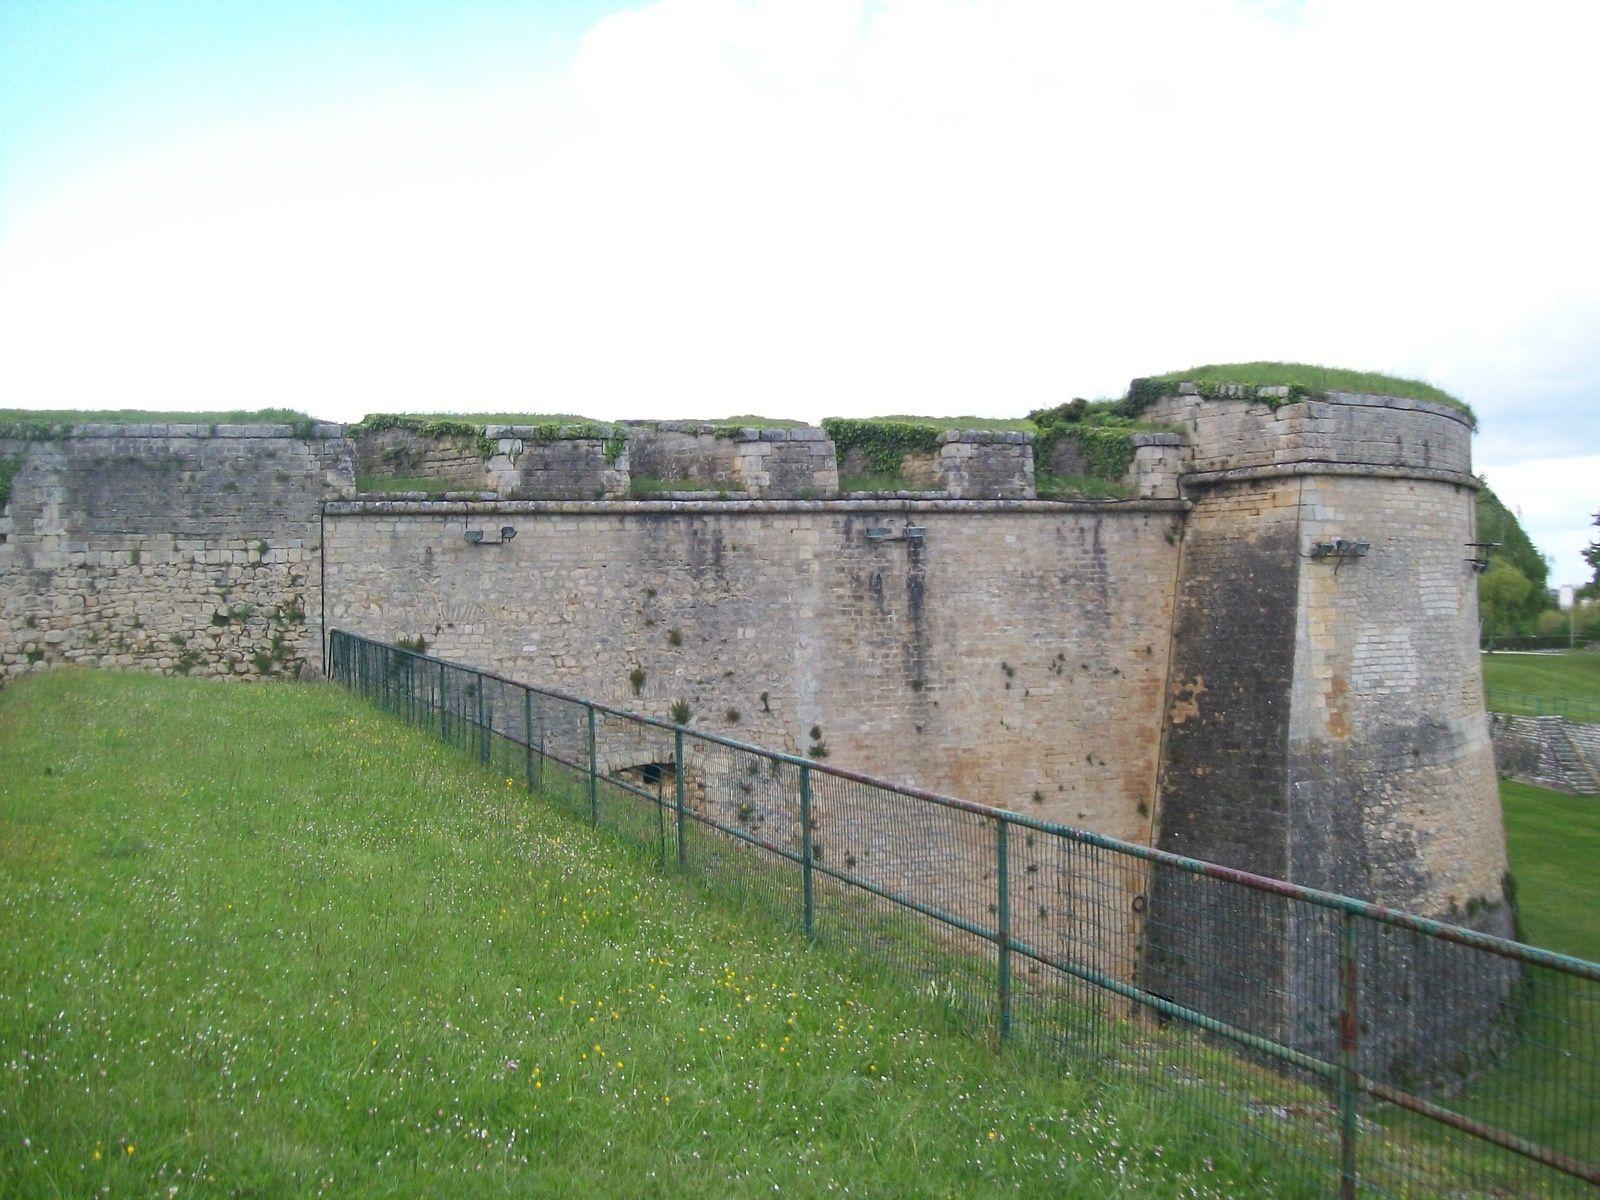 la Garonne et les fortifications de Vauban